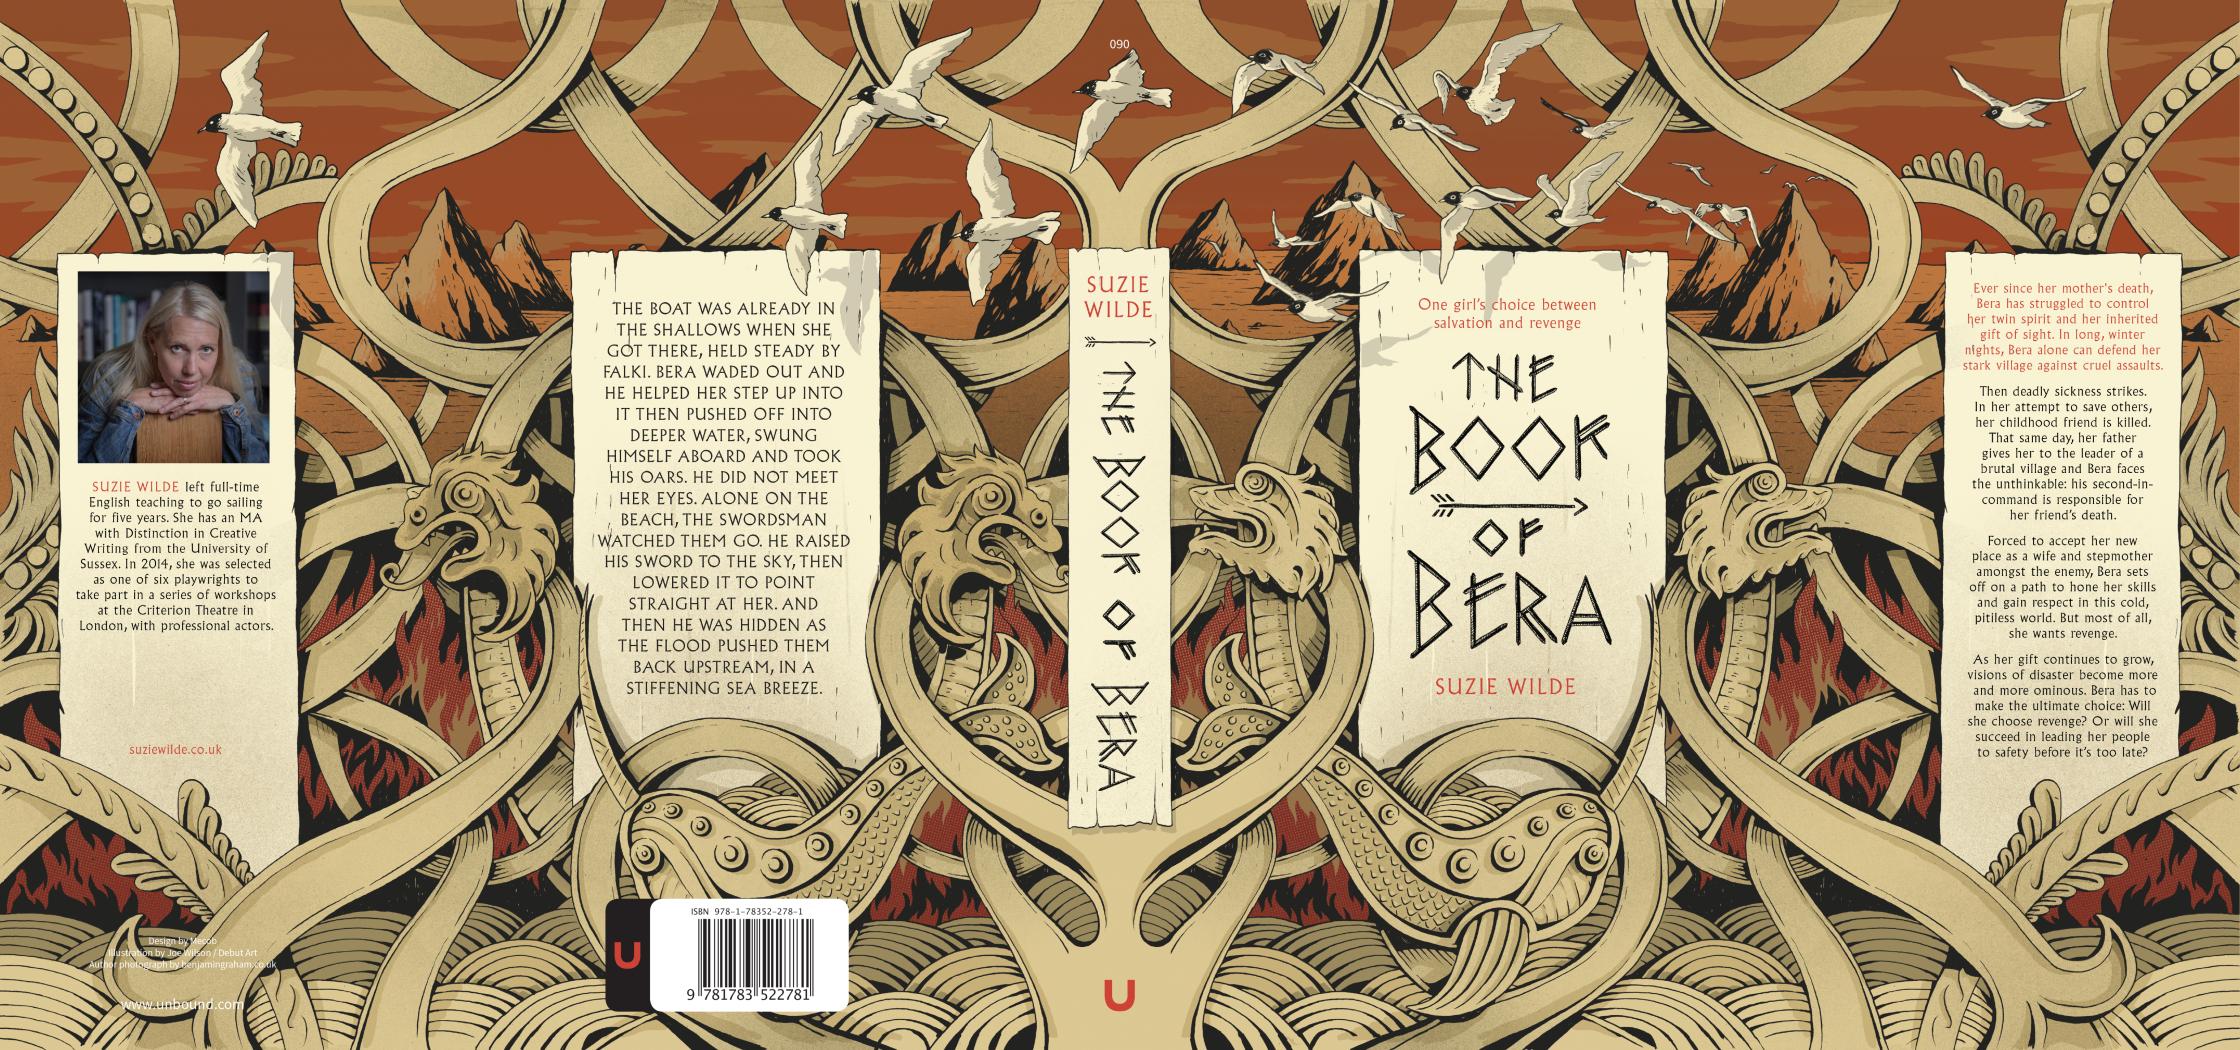 BOOK_OF_BERA_coverWRAP.jpg